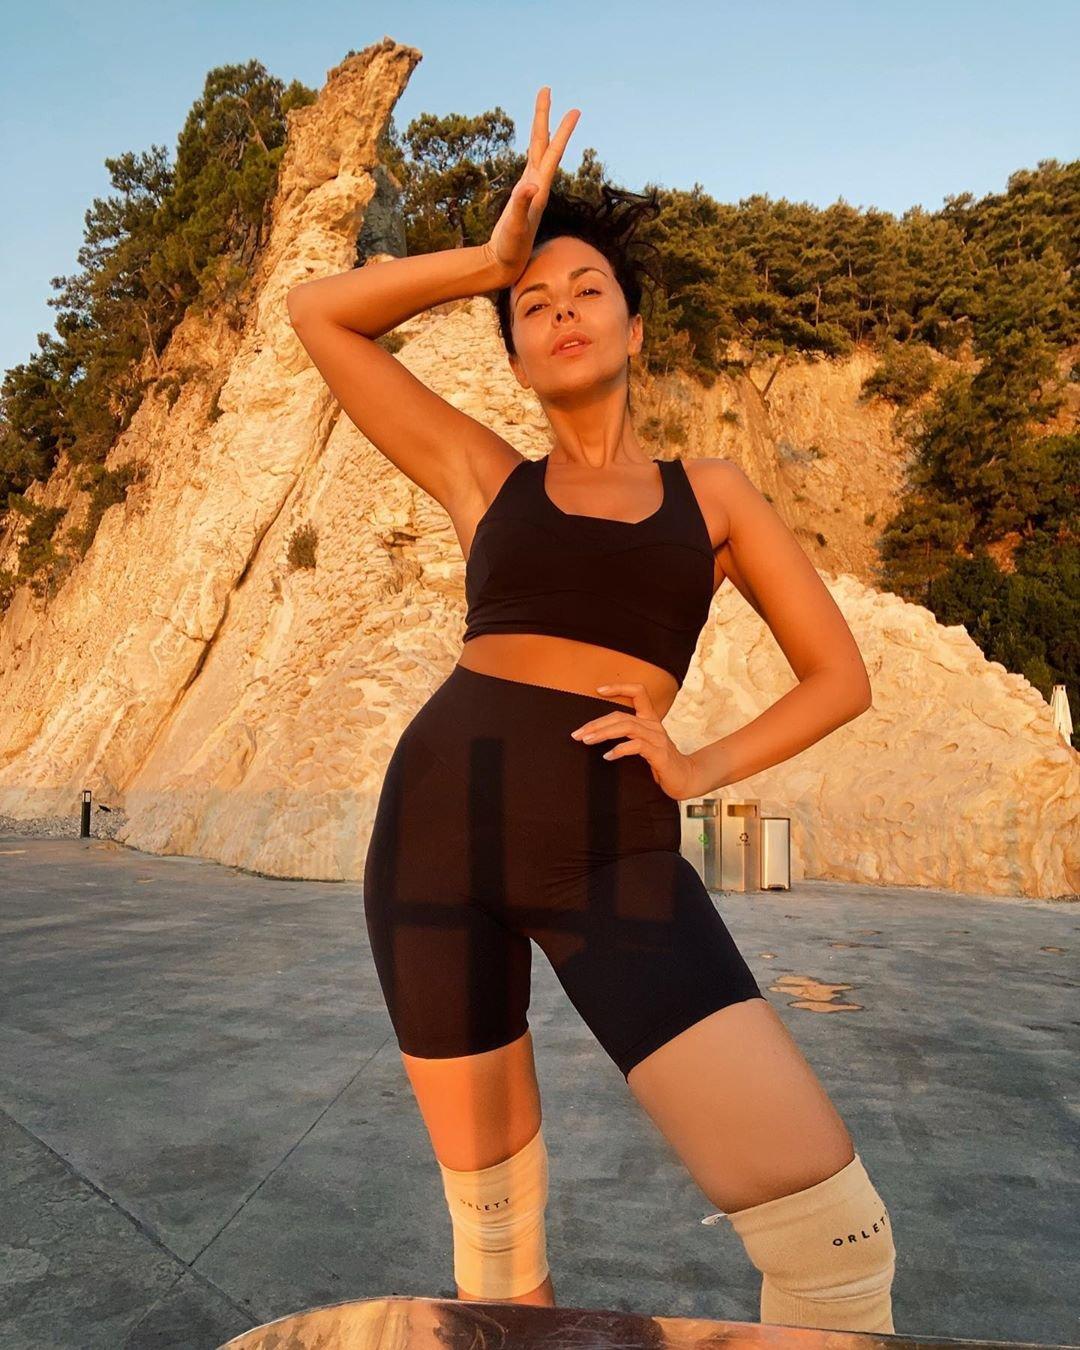 Настя Каменских показала неудачный снимок с огромной ногой